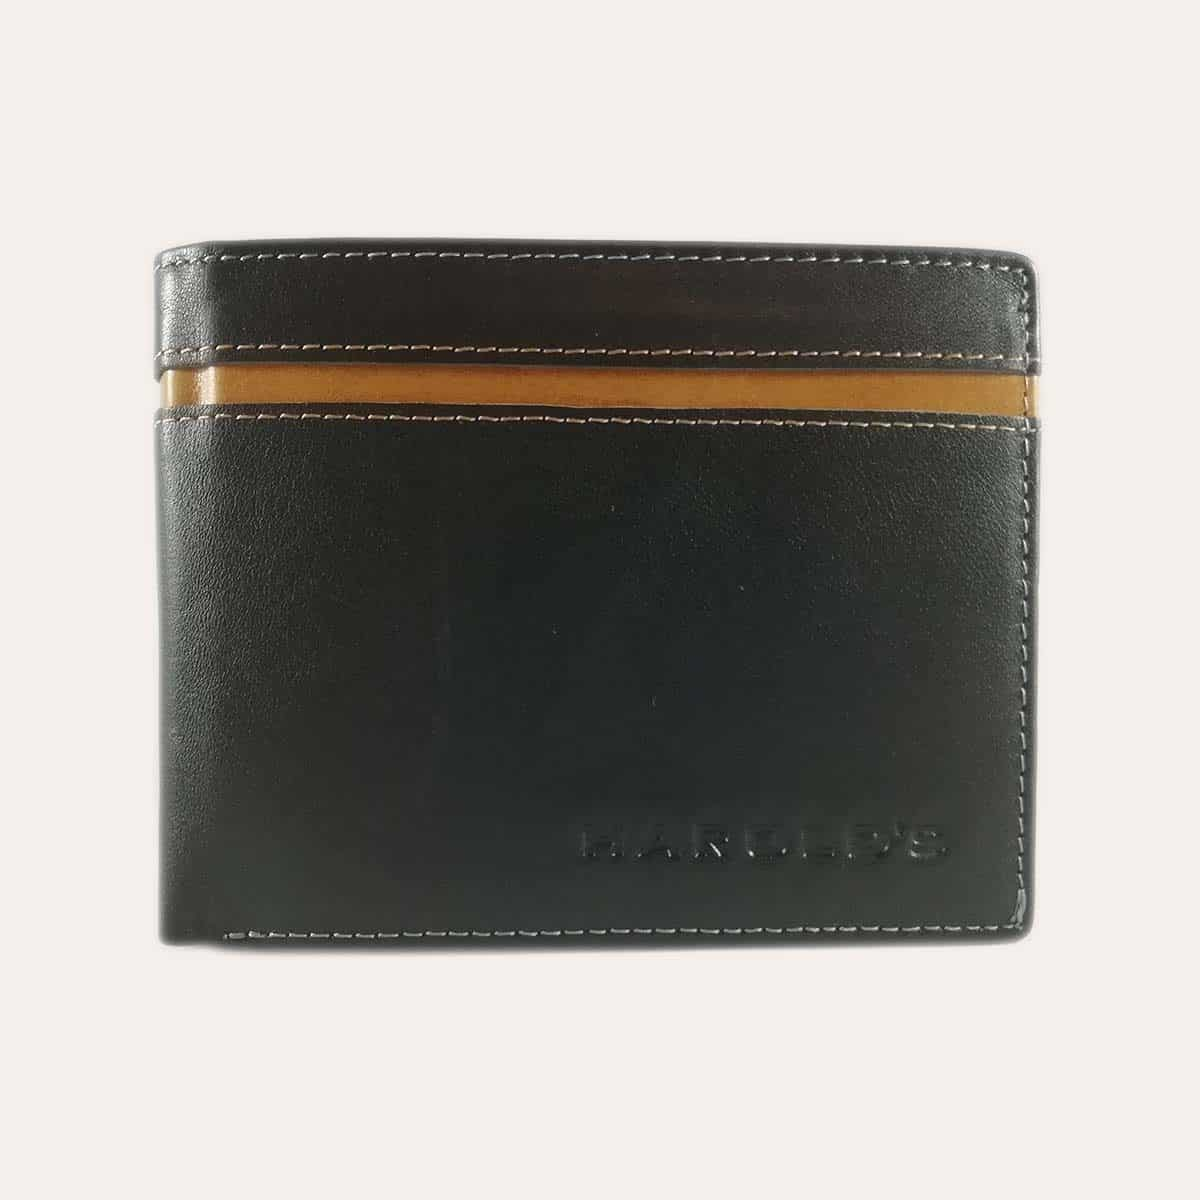 Pánská kožená peněženka Harold's černá